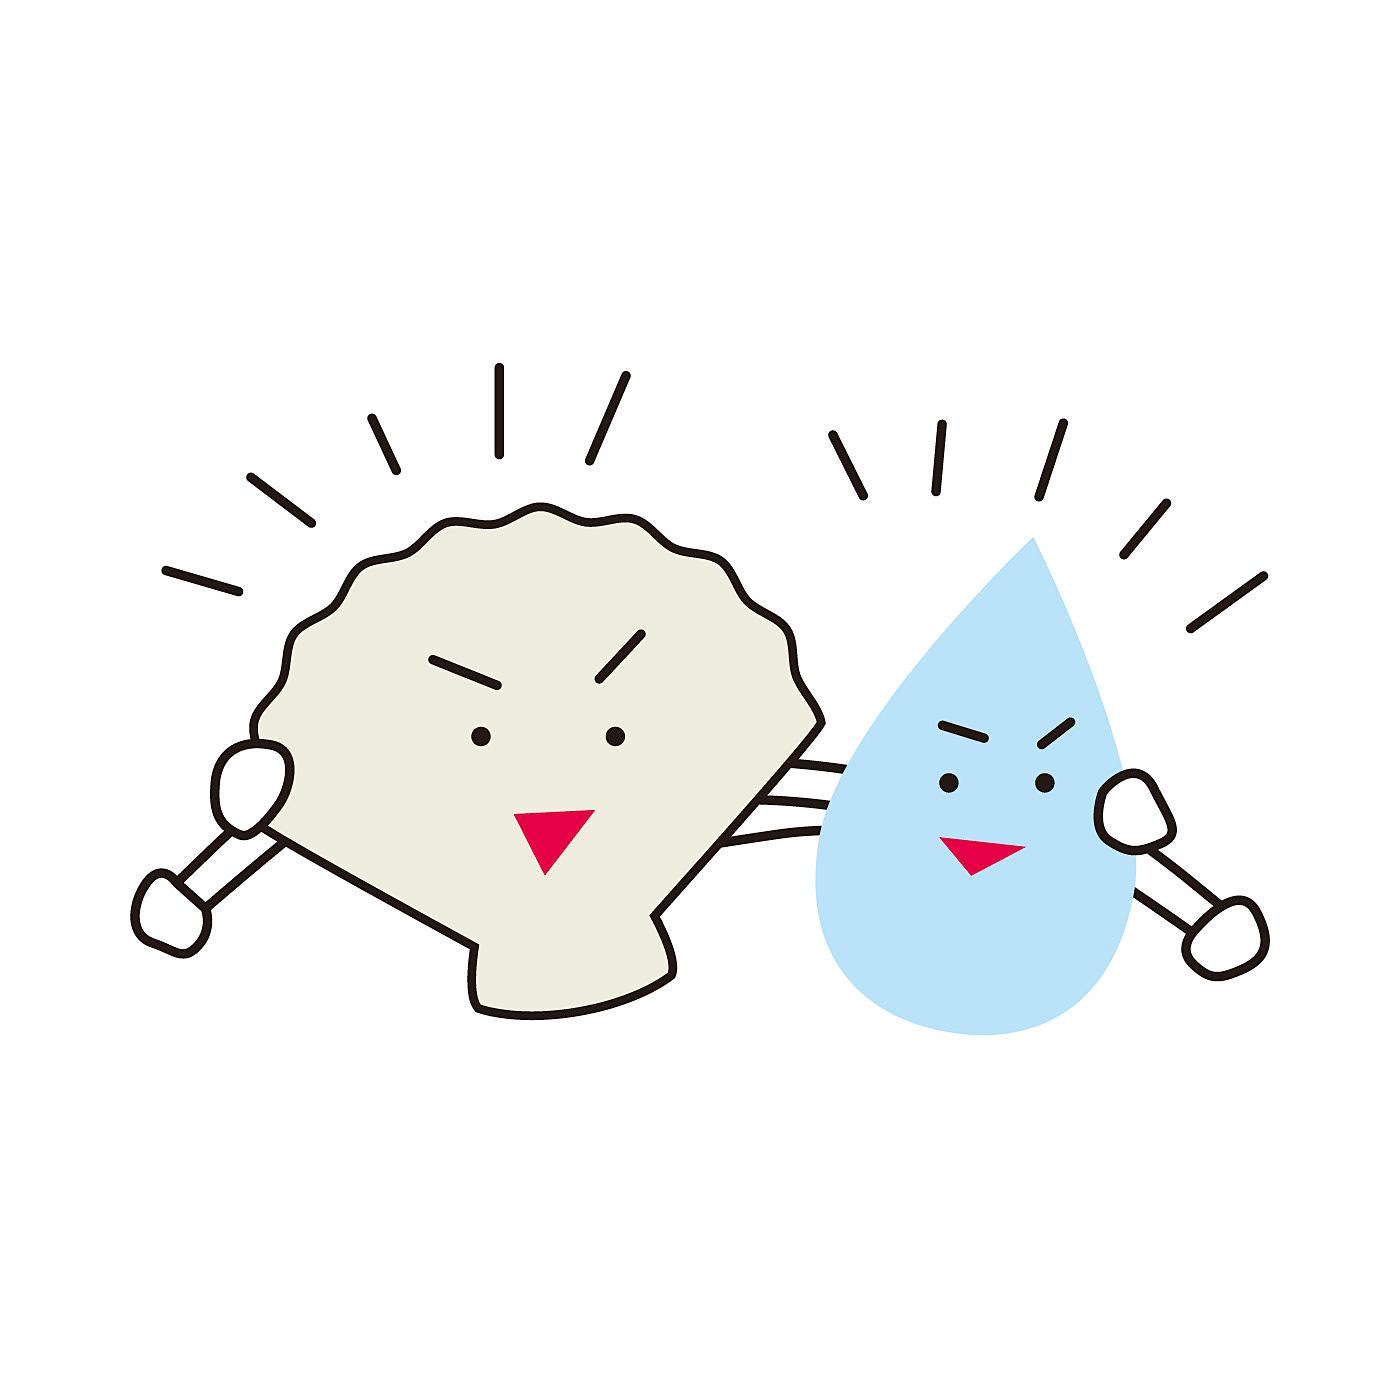 クリーナーの成分、ホタテ貝殻焼成カルシウムは水と結びついて「ホタテカルシウムイオン水」に変身!